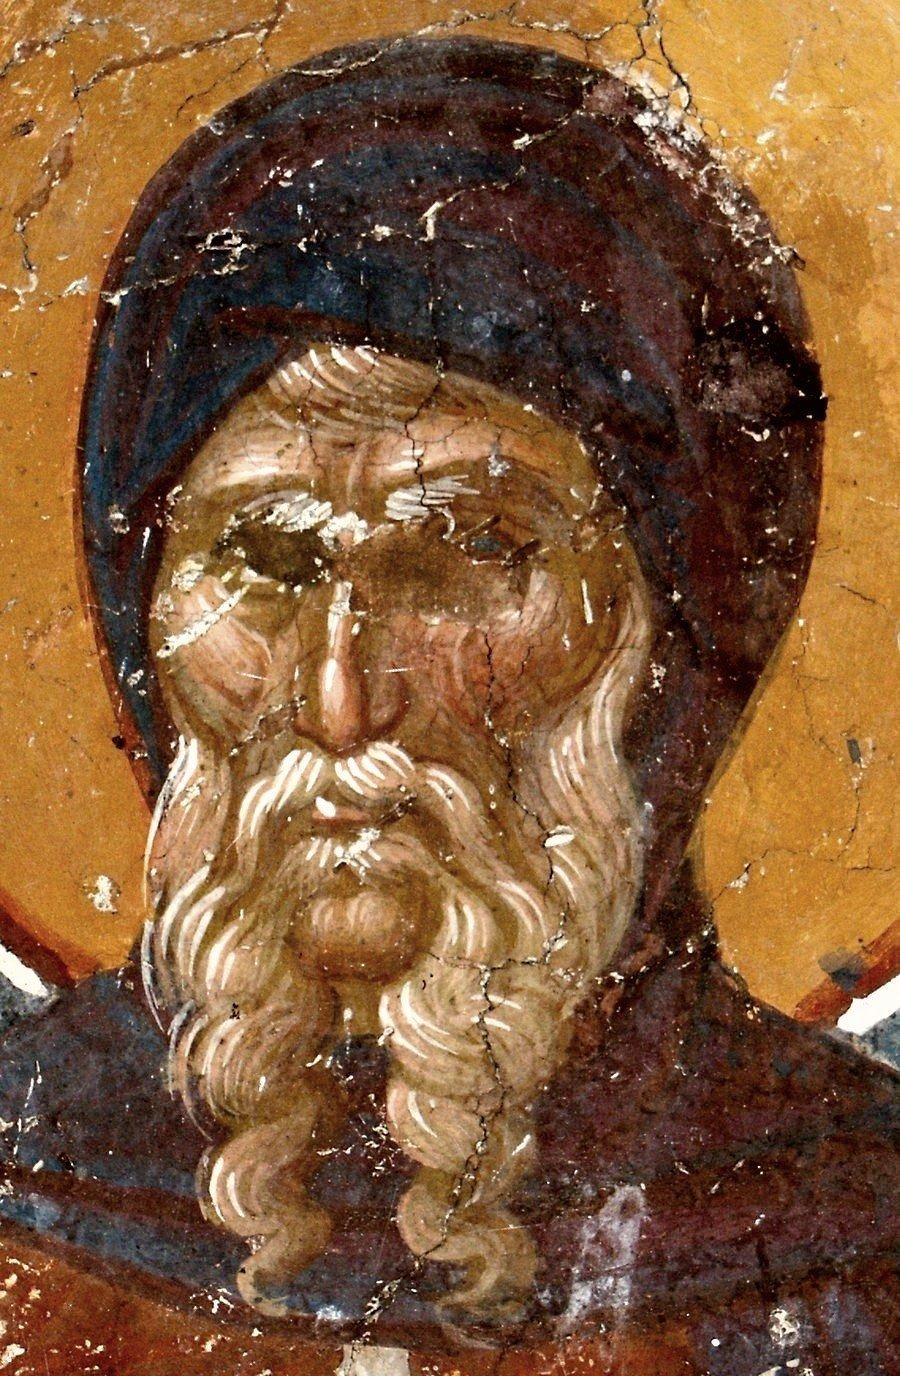 Святой Преподобный Антоний Великий. Фреска церкви Святого Никиты в Чучере близ Скопье, Македония. Около 1316 года. Иконописцы Михаил Астрапа и Евтихий.